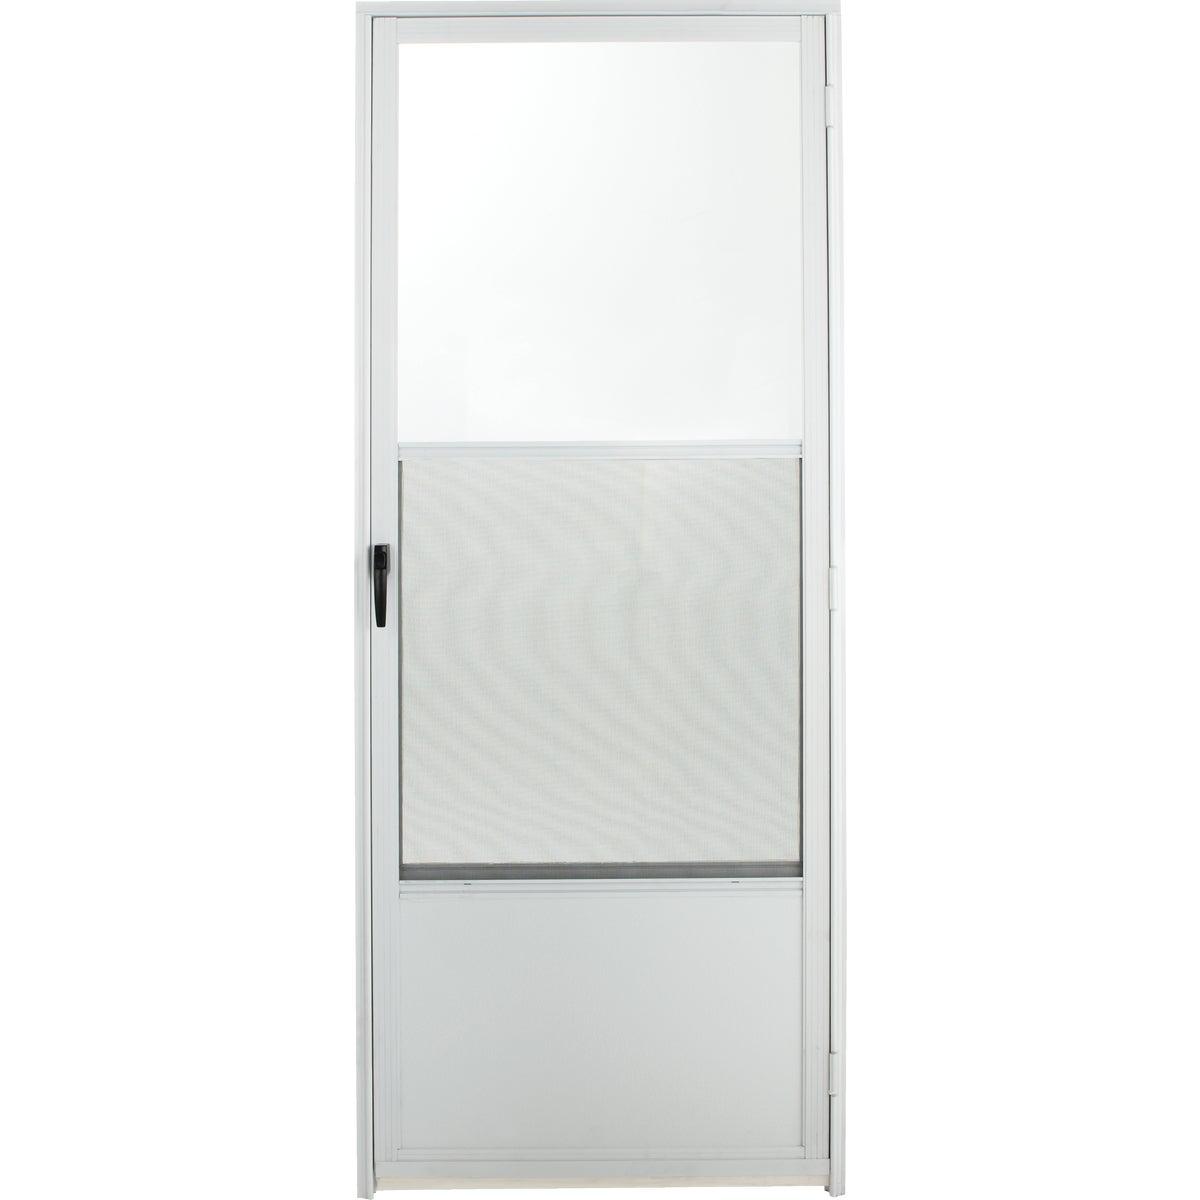 163 2868 RH WHT DOOR